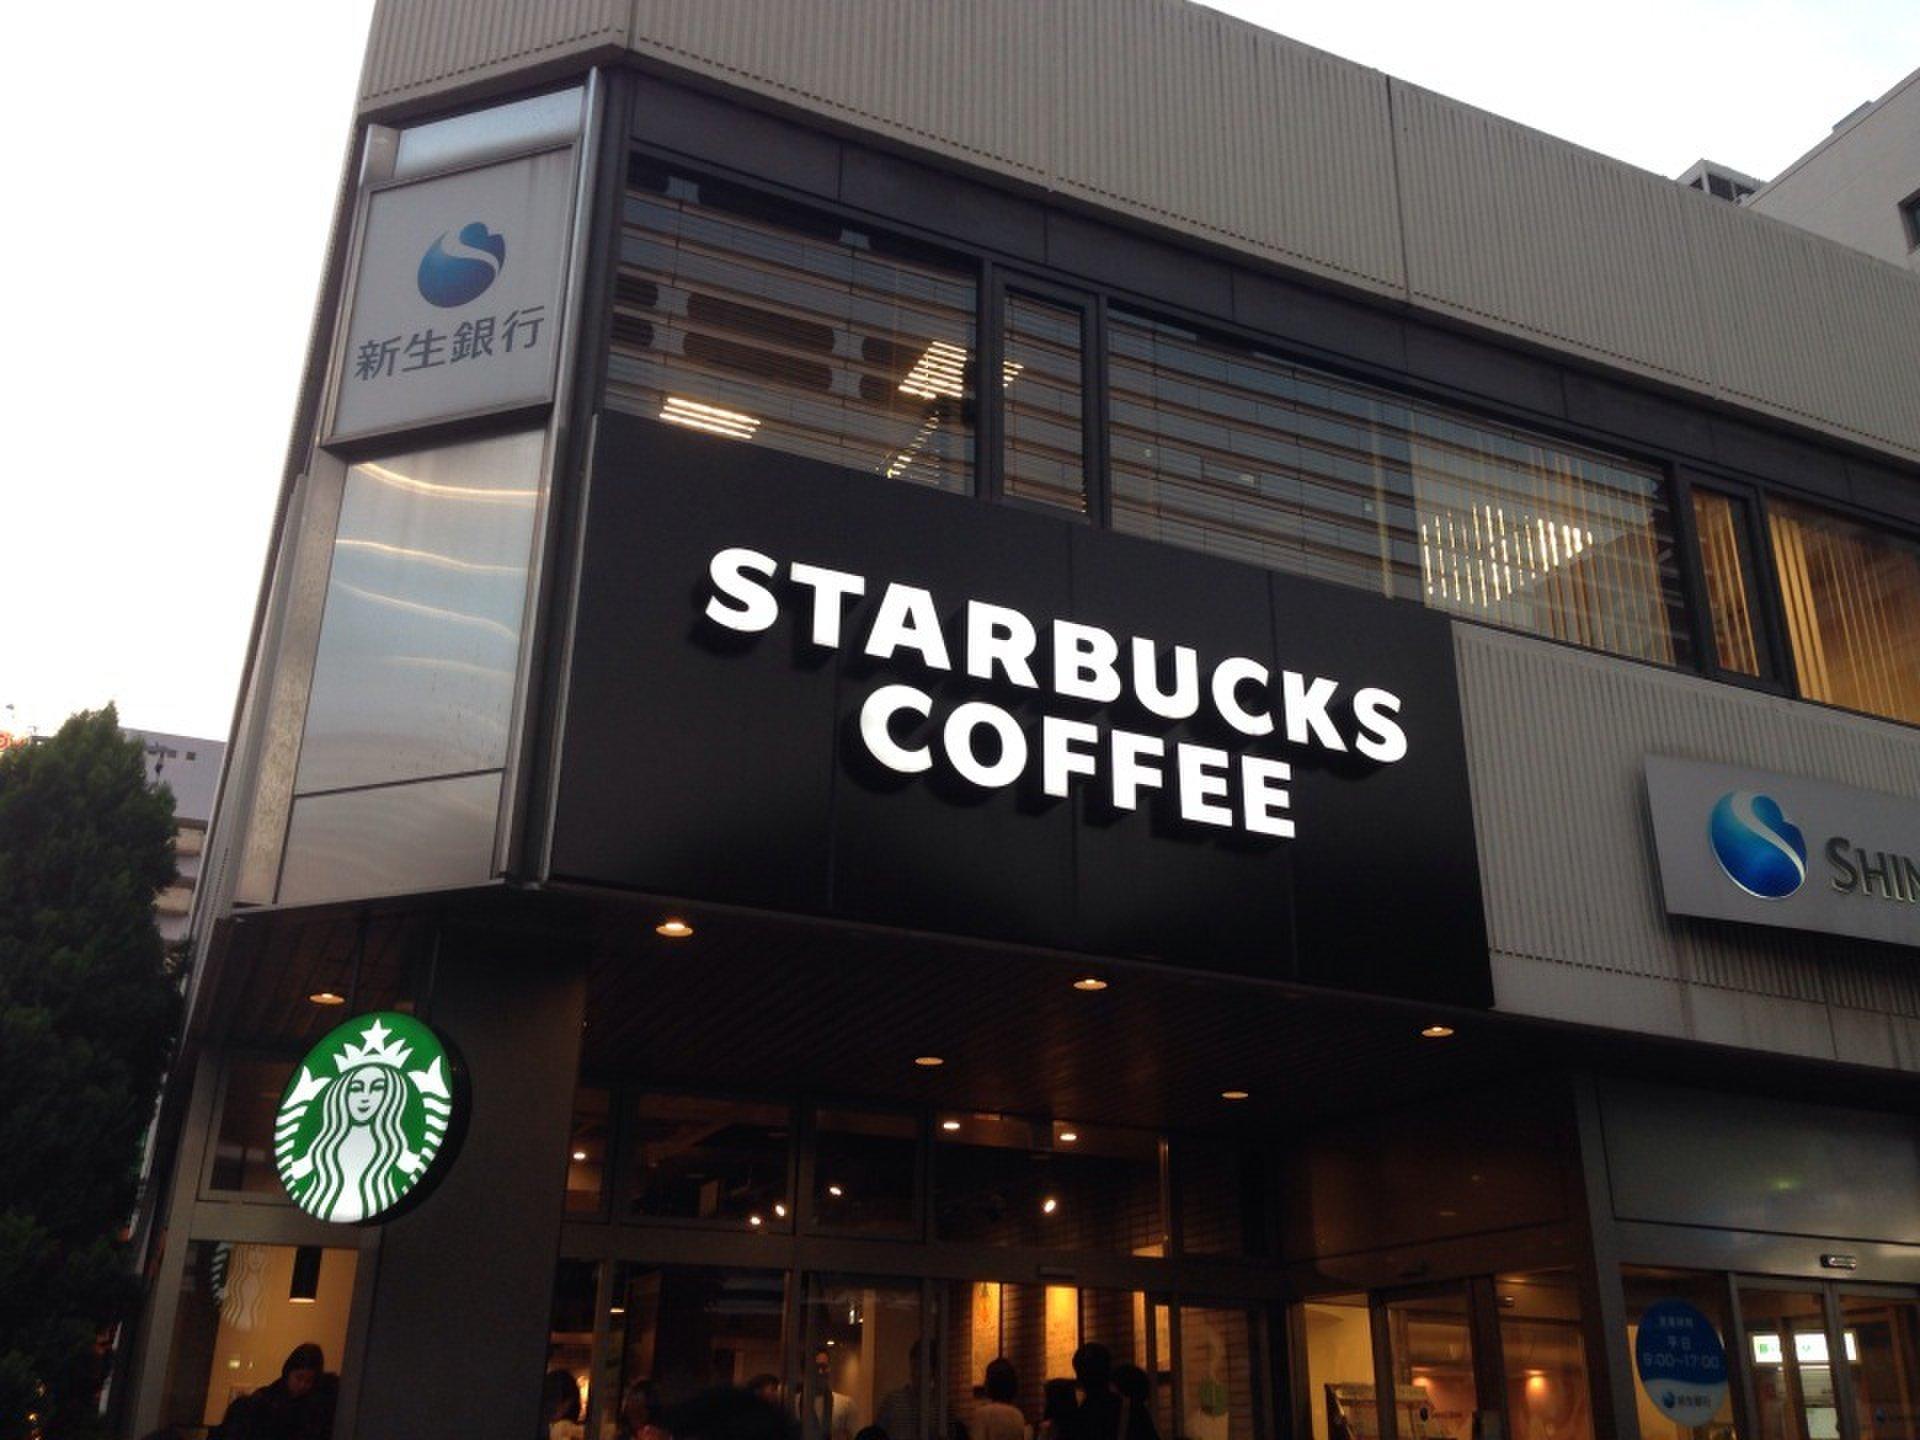 【横浜・カフェ勉強】勉強・作業・充電まとめ!おすすめの場所ご紹介!ファミレスも!